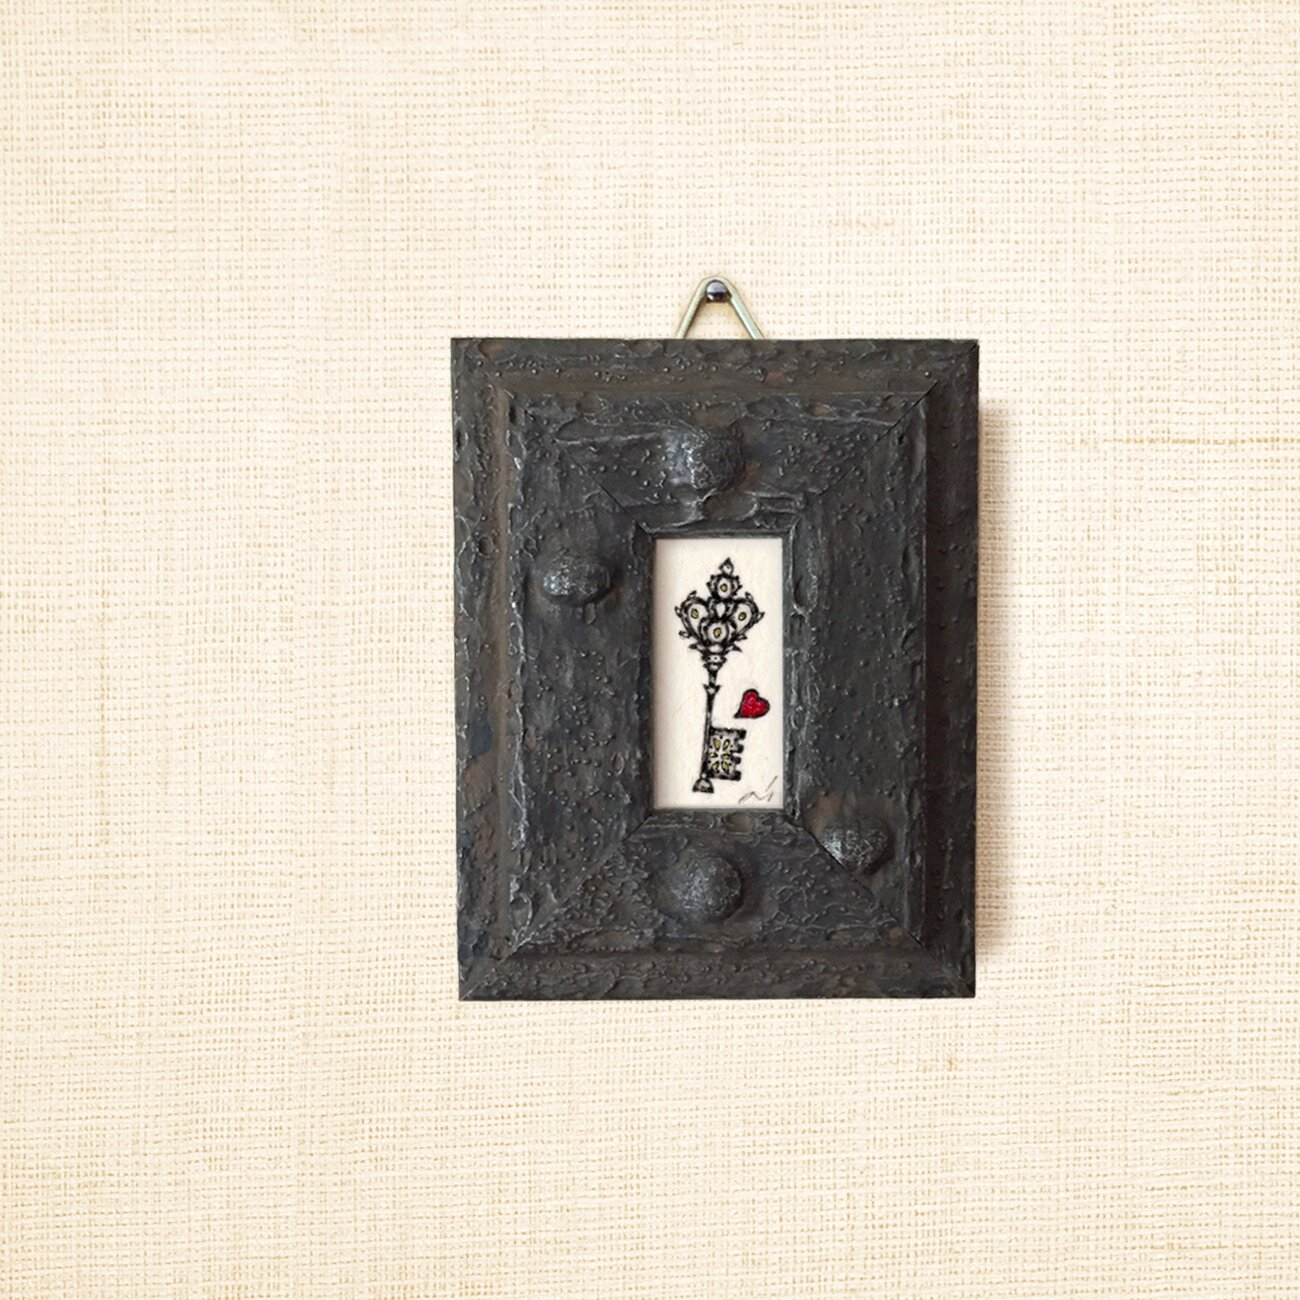 ミニ額縁 原画【 秘めごと 】